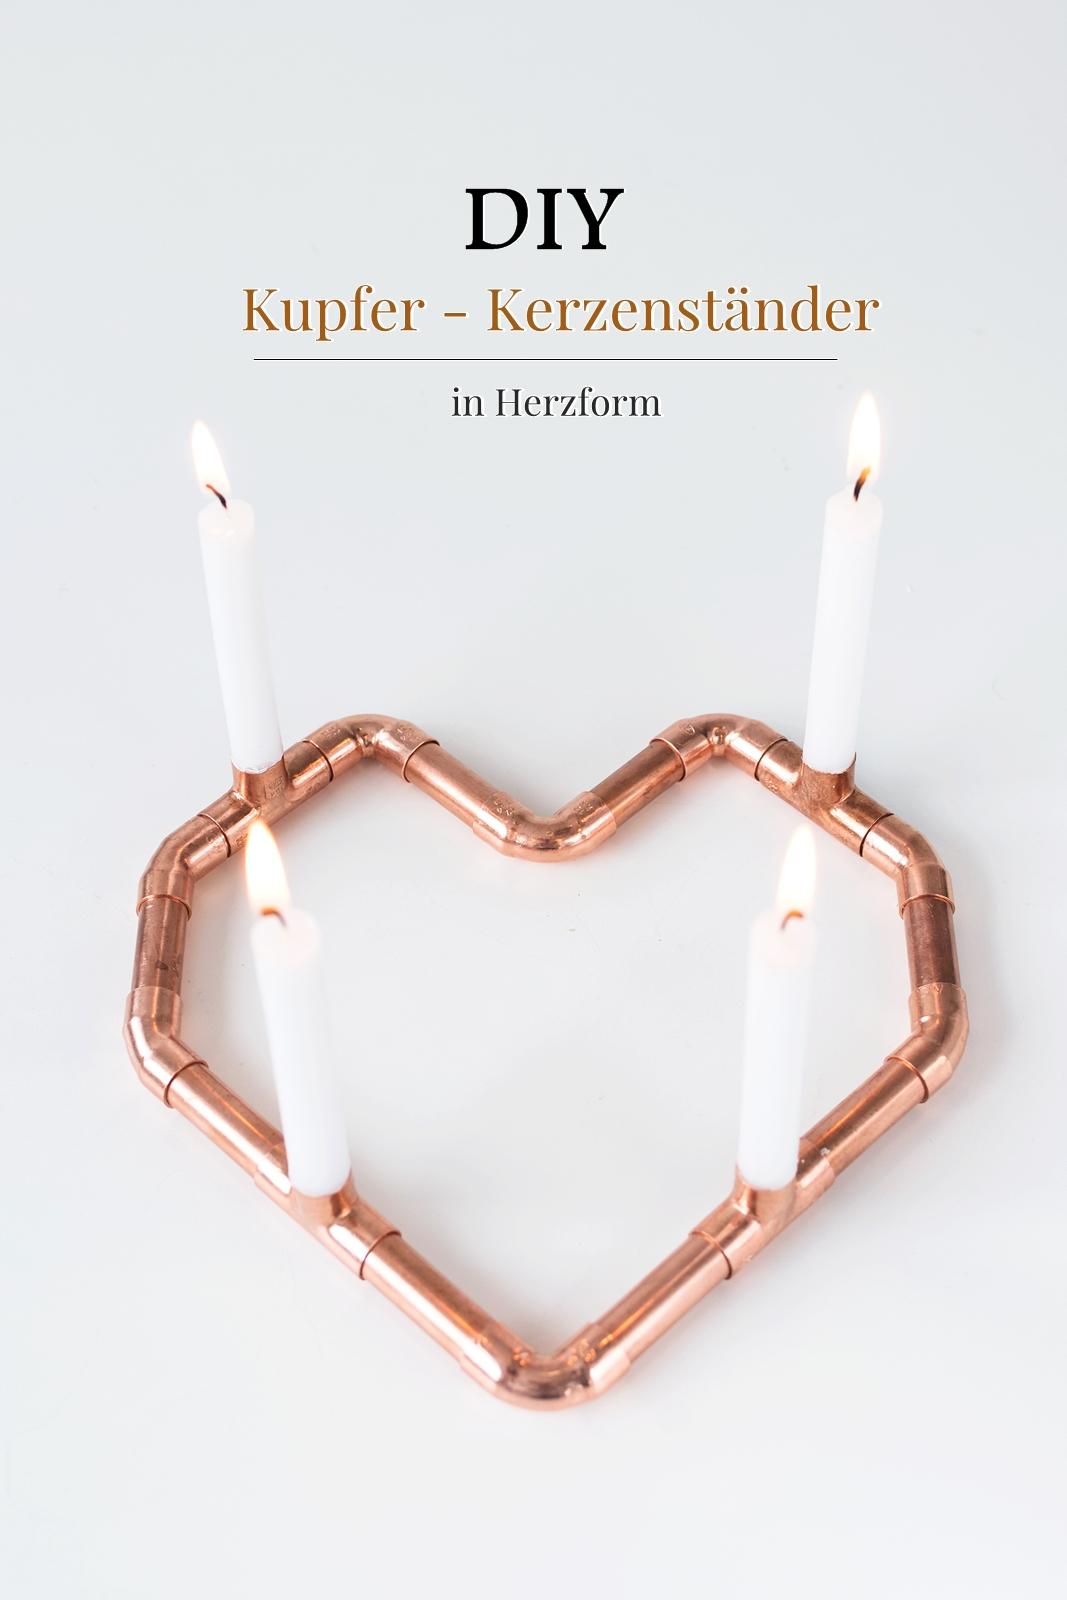 DIY Geschenkidee zum Valentinstag: Kerzenständer aus Kupfer in Herzform